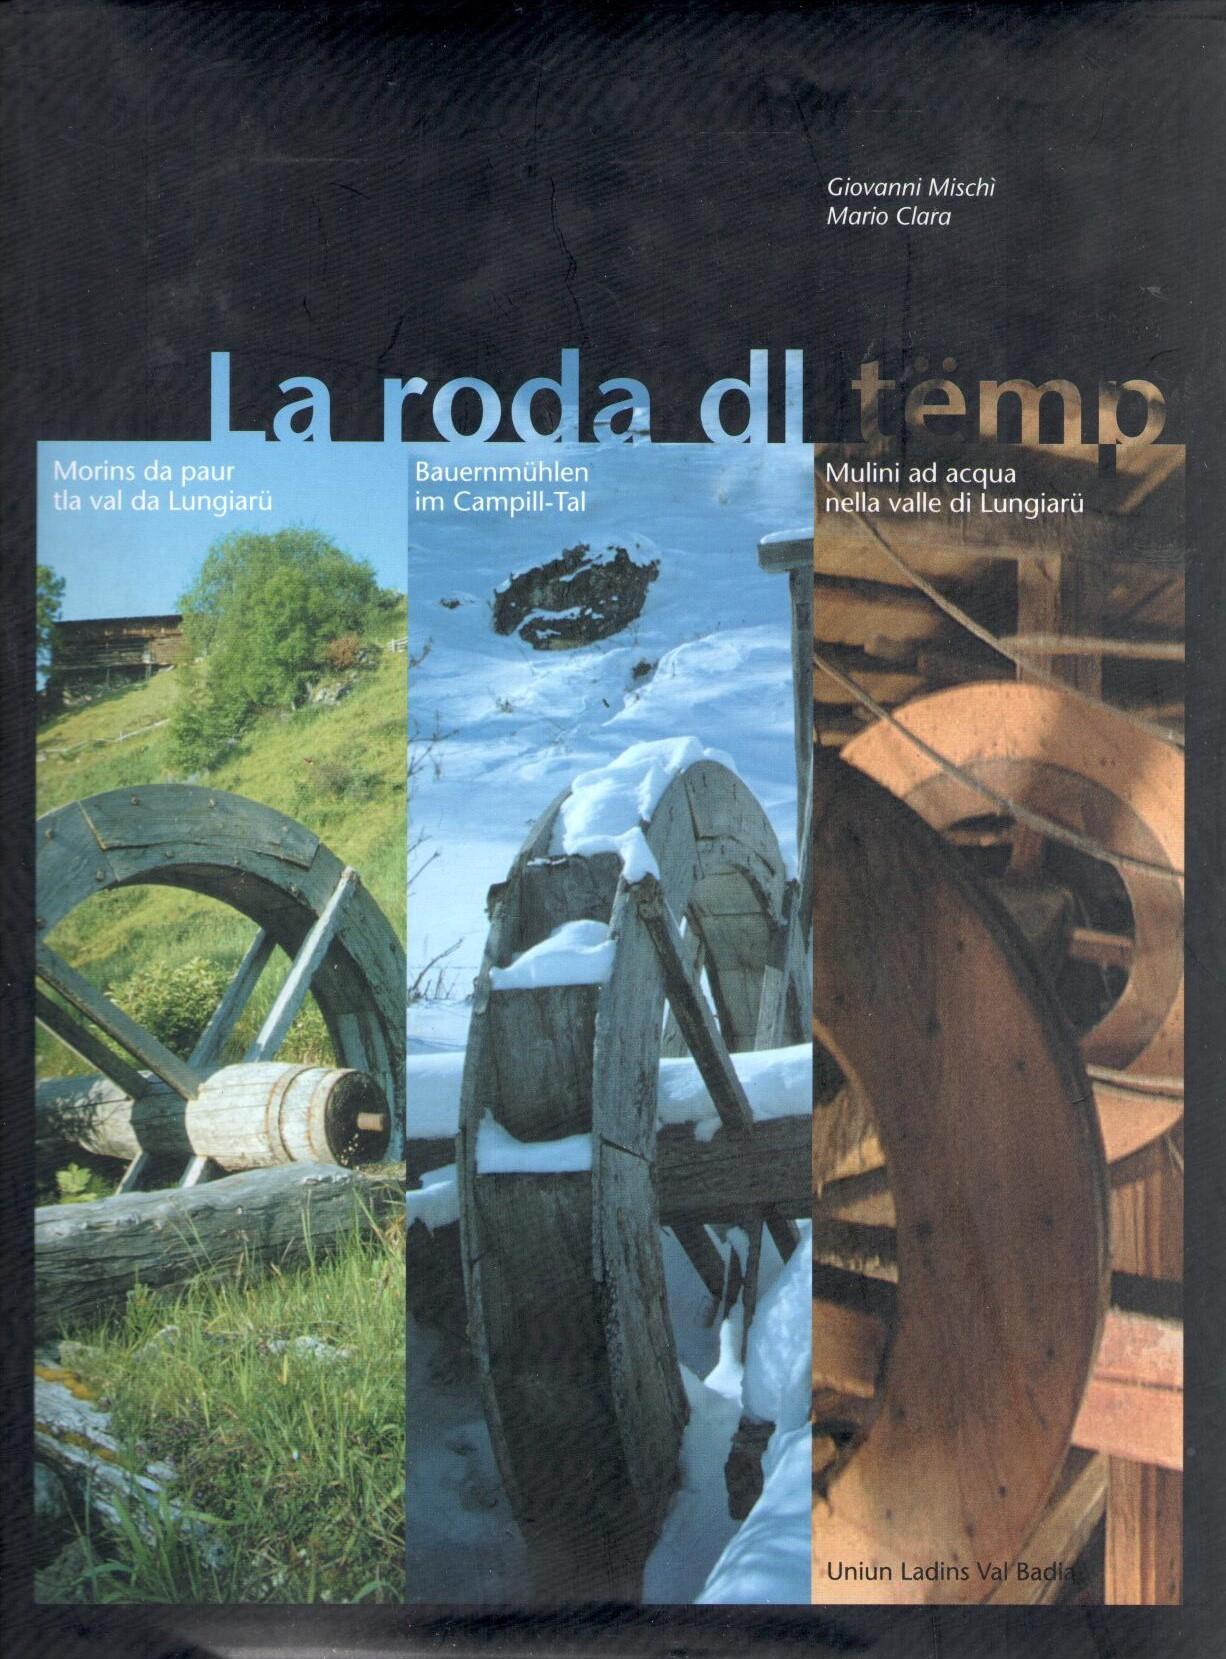 La_roda_dl_tëmp._Morins_da_paur_tla_val_da_Lungiarü,_Giovanni_Mischi_-_Mario_Clara